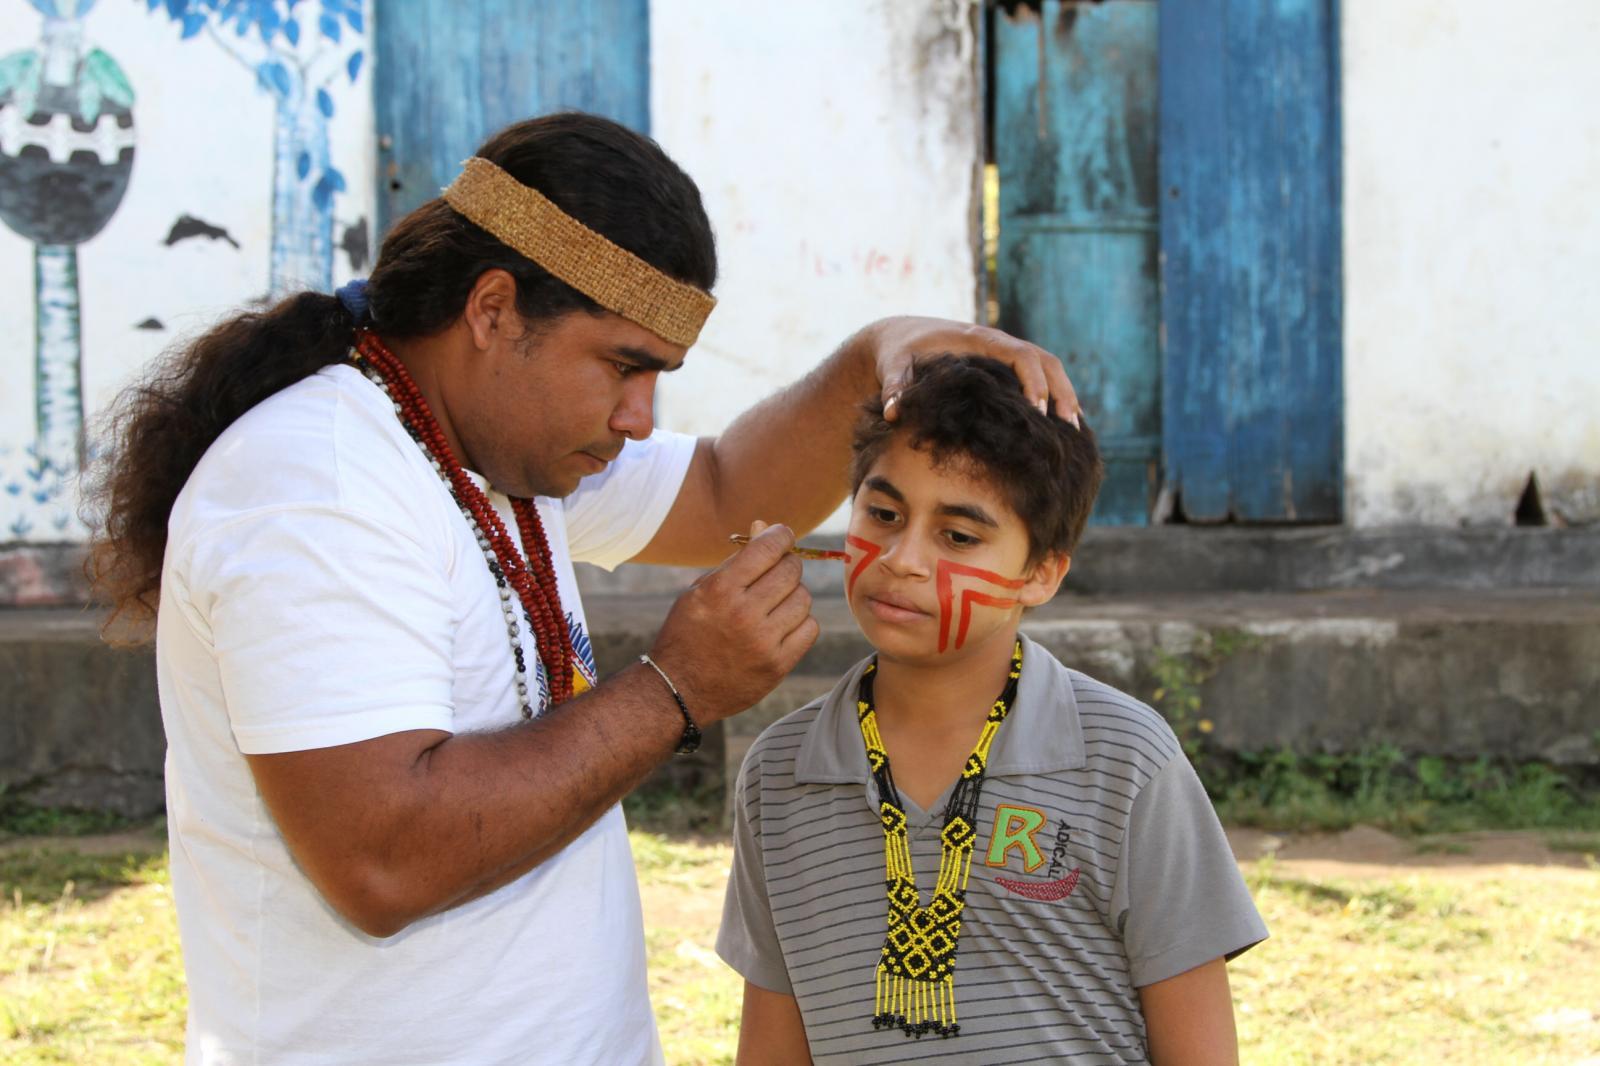 Fábio Titiá, uma liderança dos Pataxós HãHãHãe paints his son face with Urucum paint before a Tore.